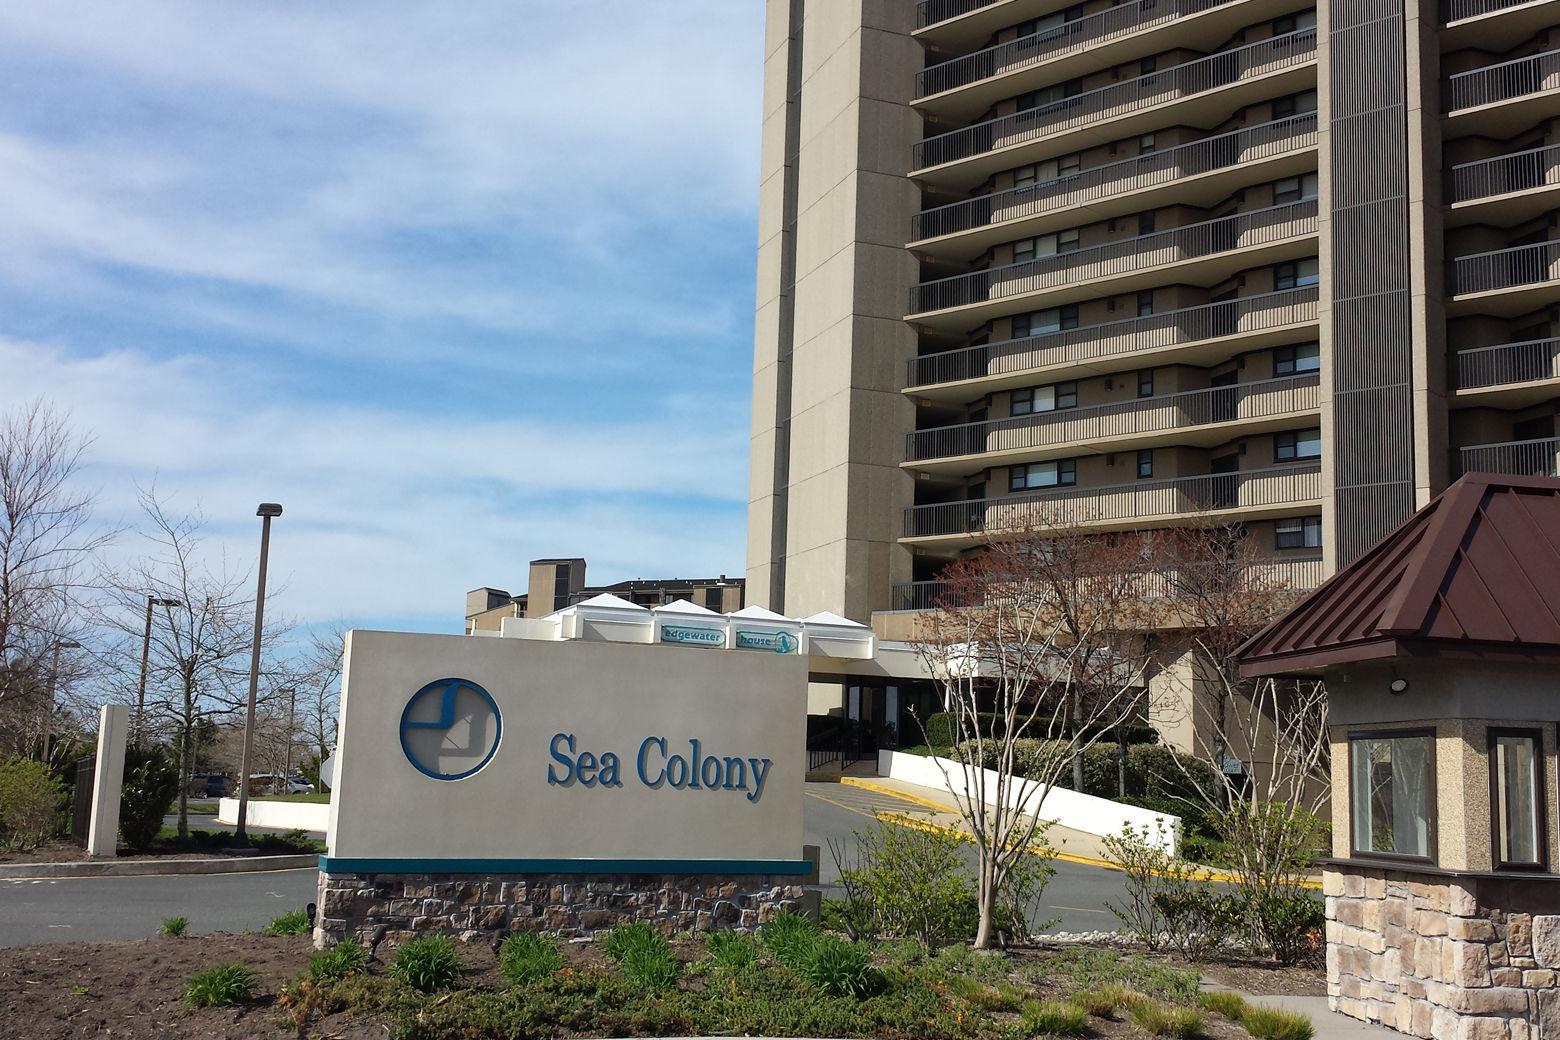 photo shows Sea Colony in Bethany